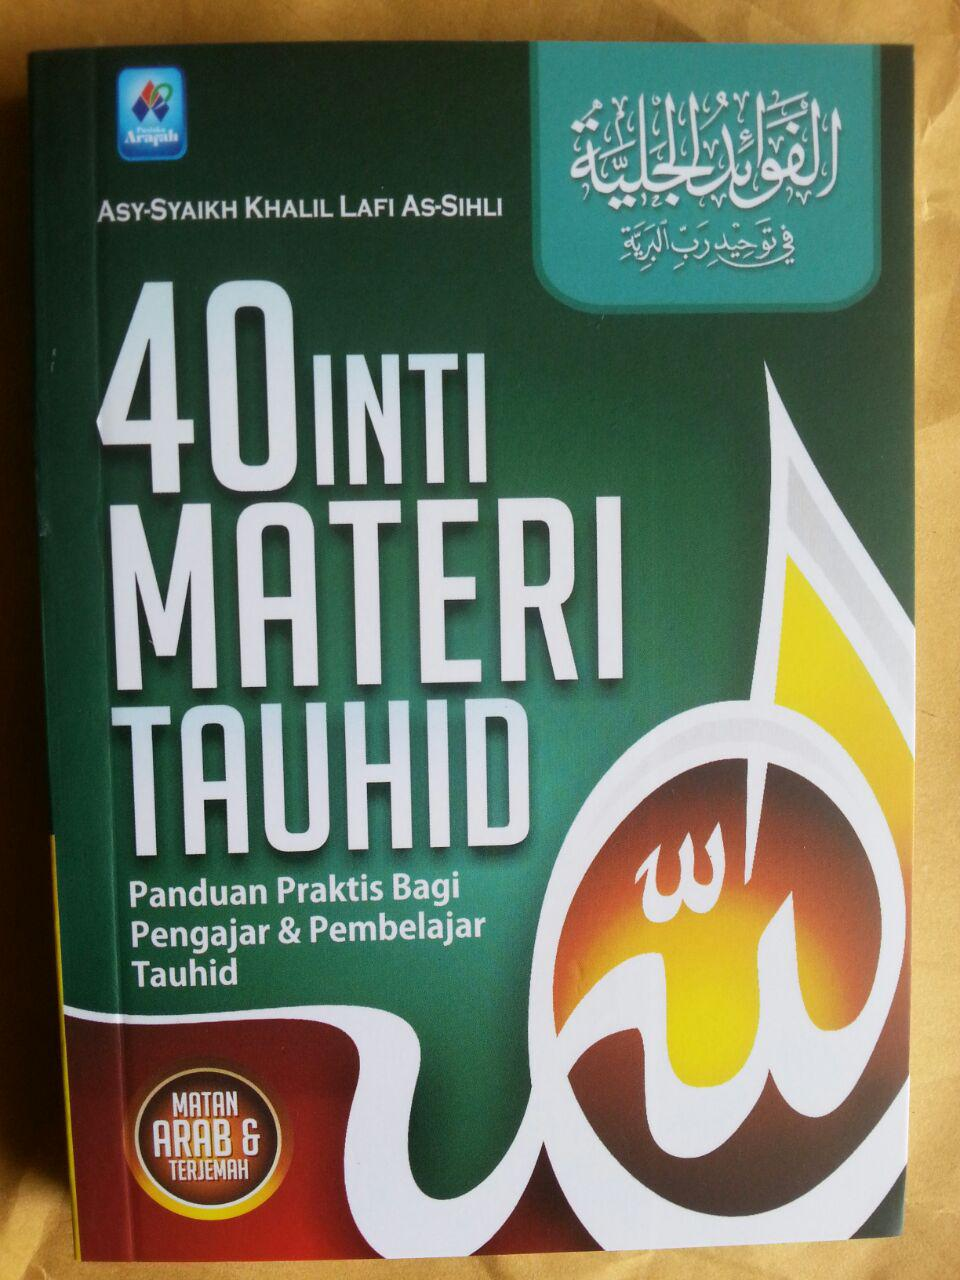 Buku 40 Inti Materi Tauhid Panduan Praktis Pengajar Pembelajar cover 2